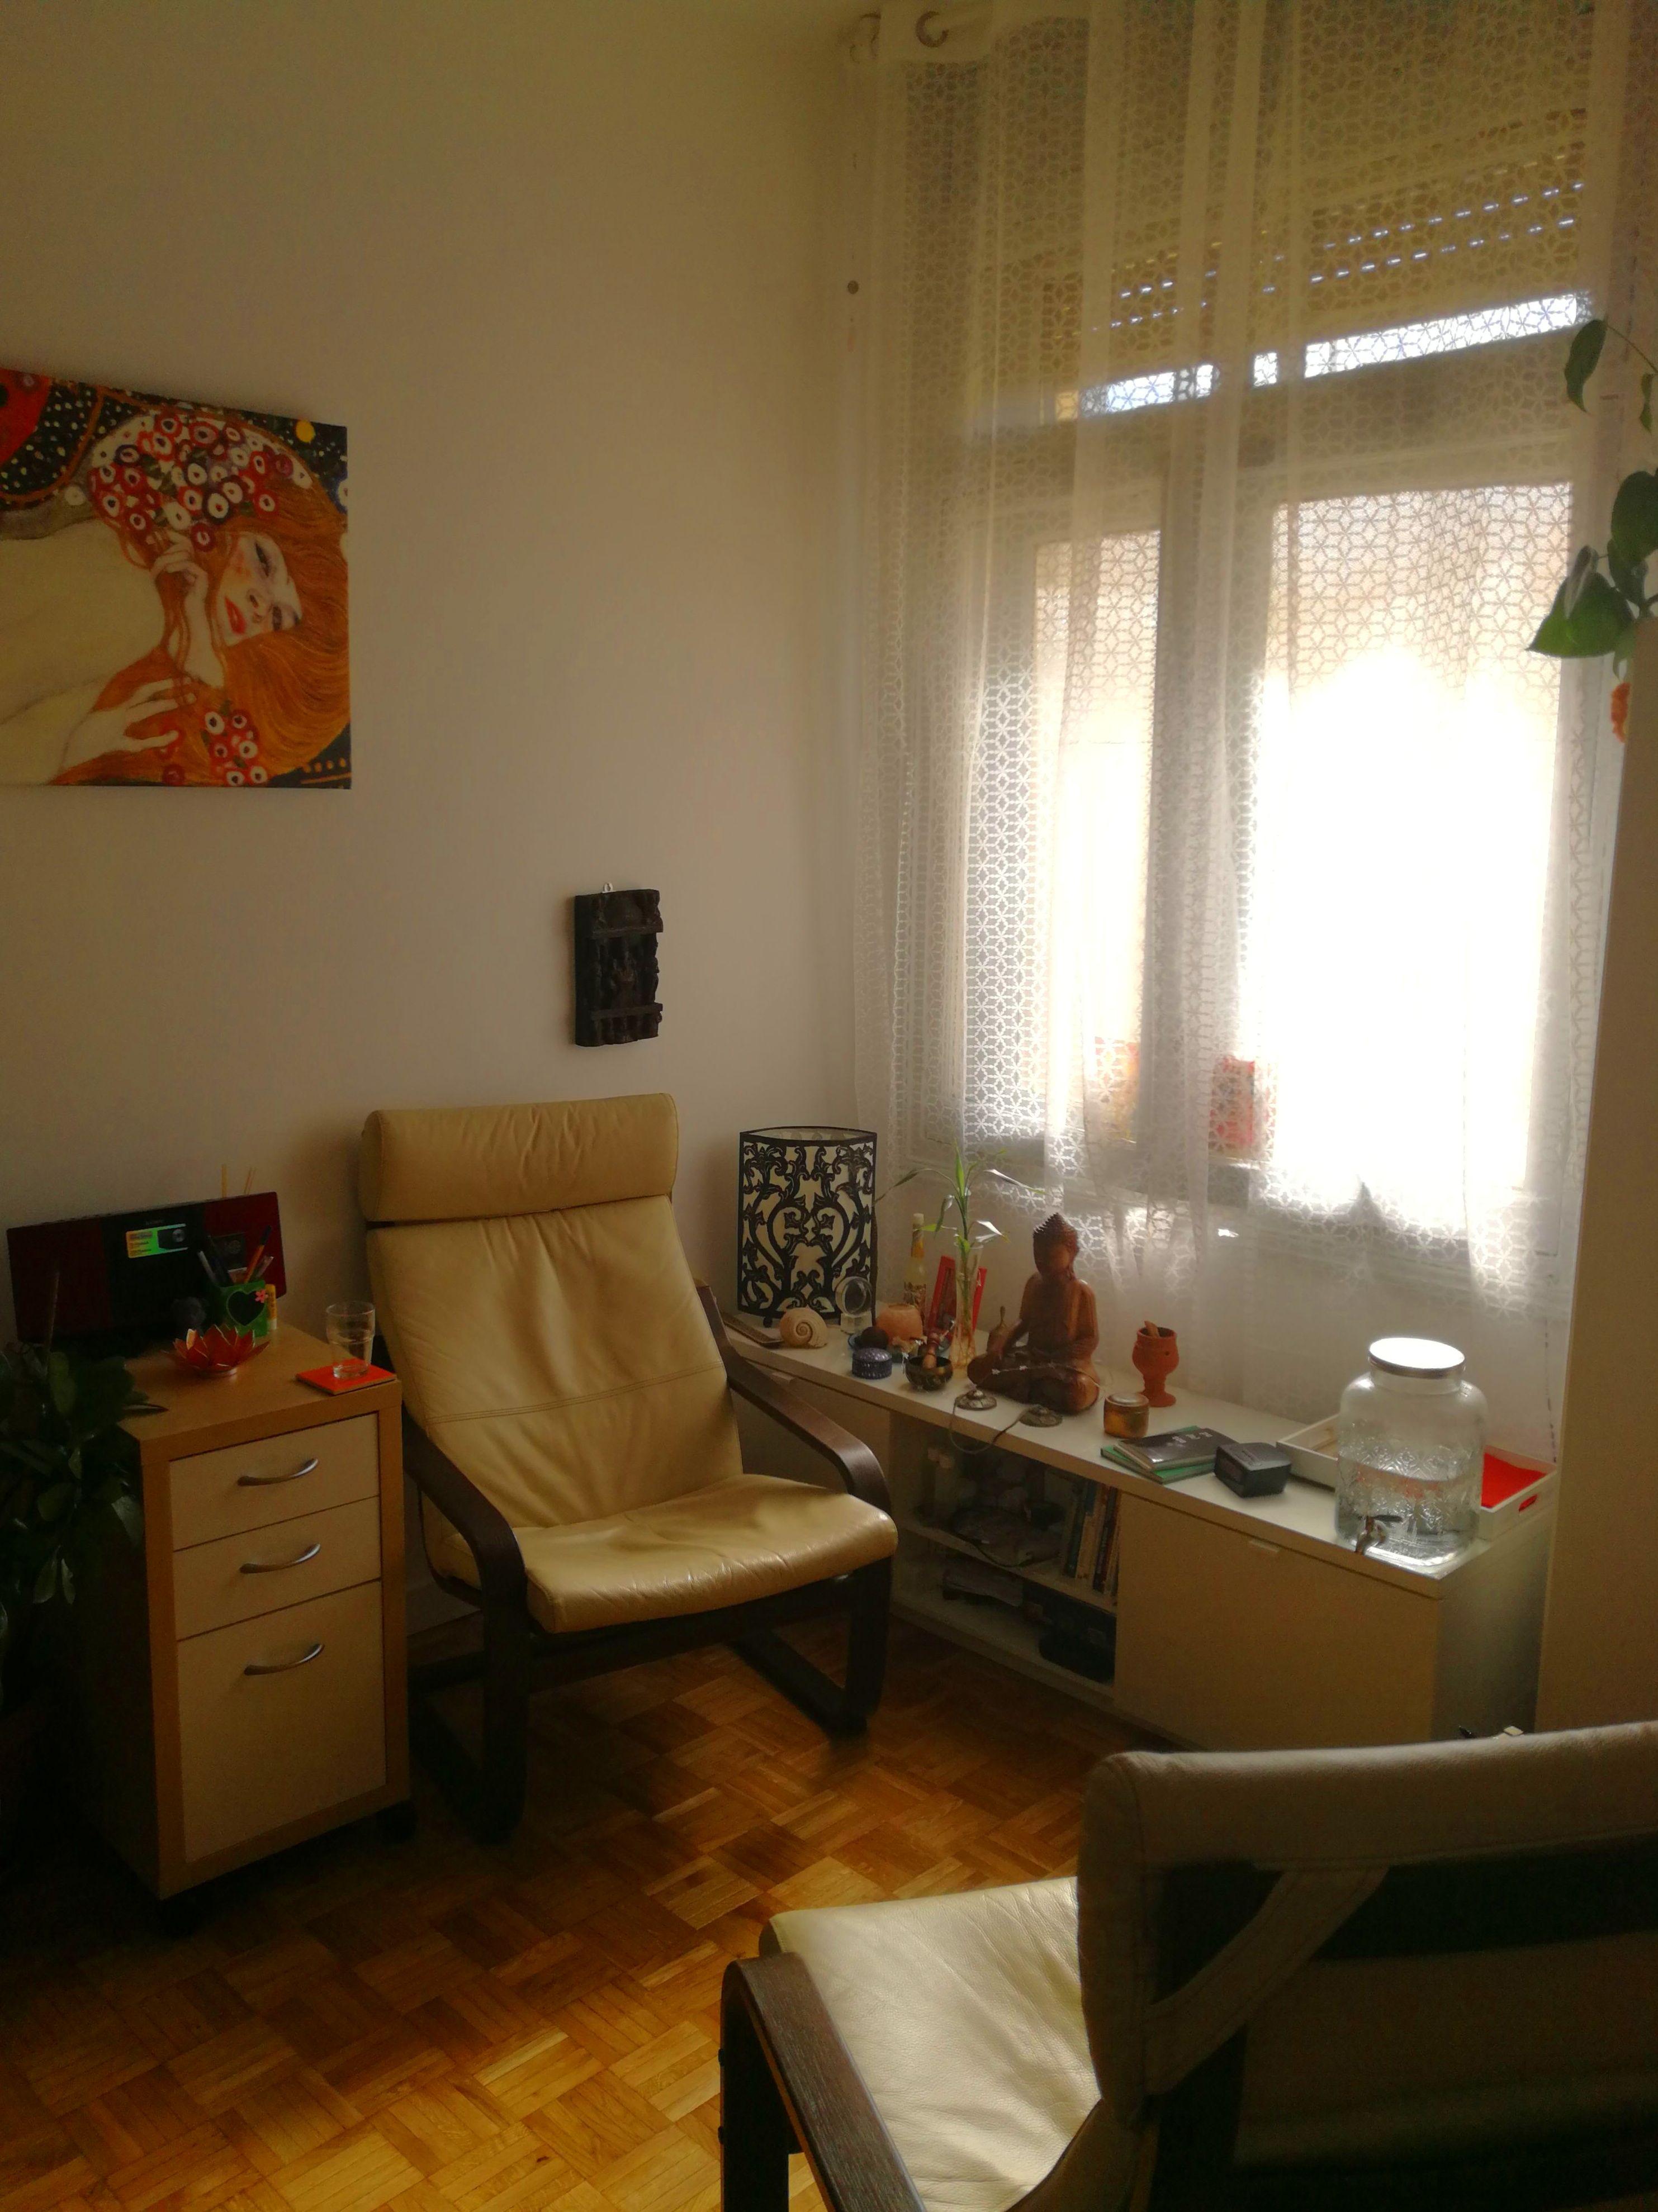 Foto 5 de Terapeuta en Madrid | Terapia Gestalt Integrativa